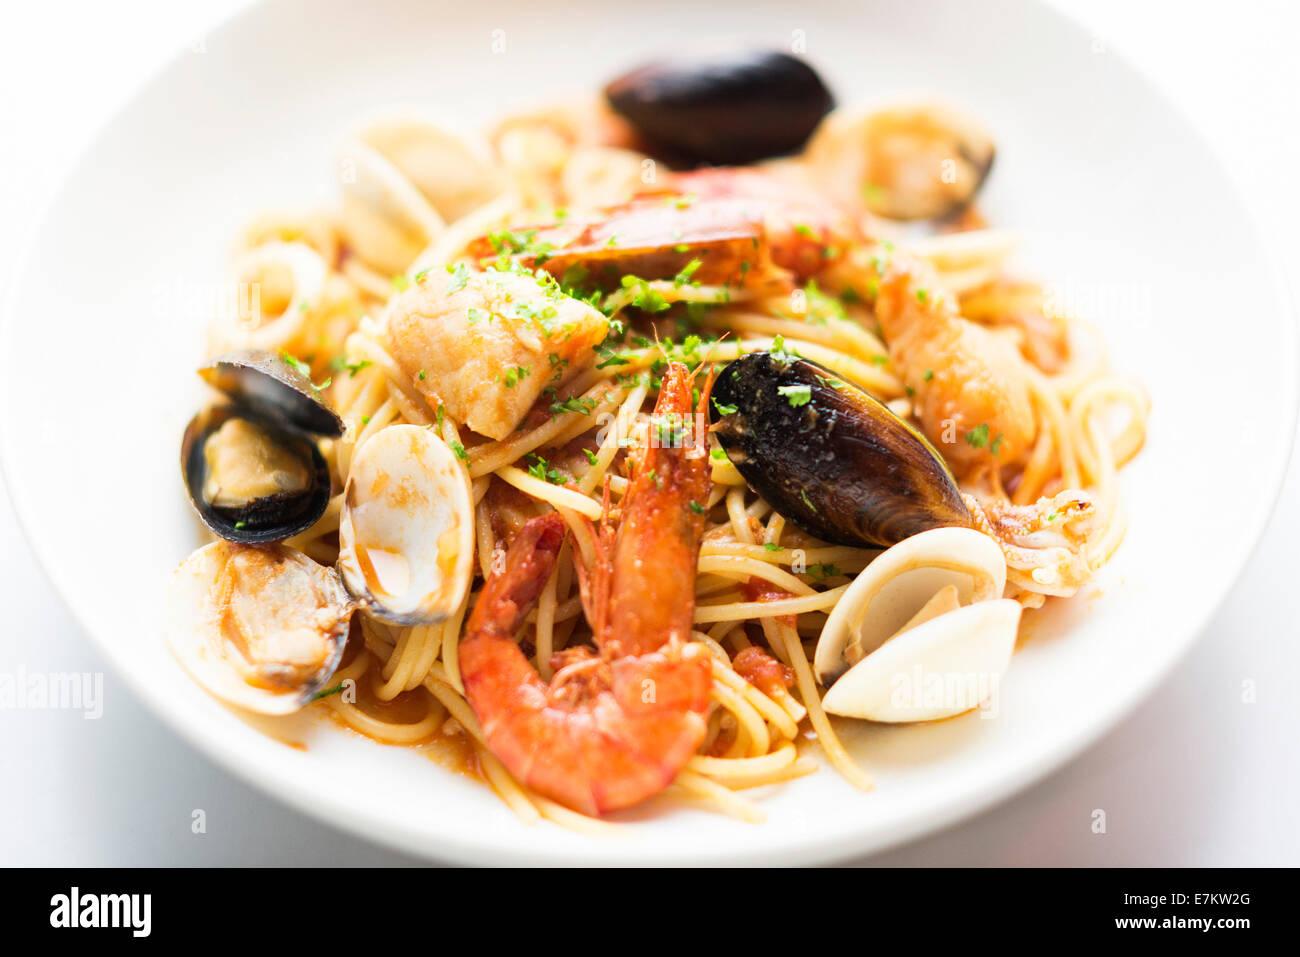 Plat de pâtes de fruits de mer détail Photo Stock